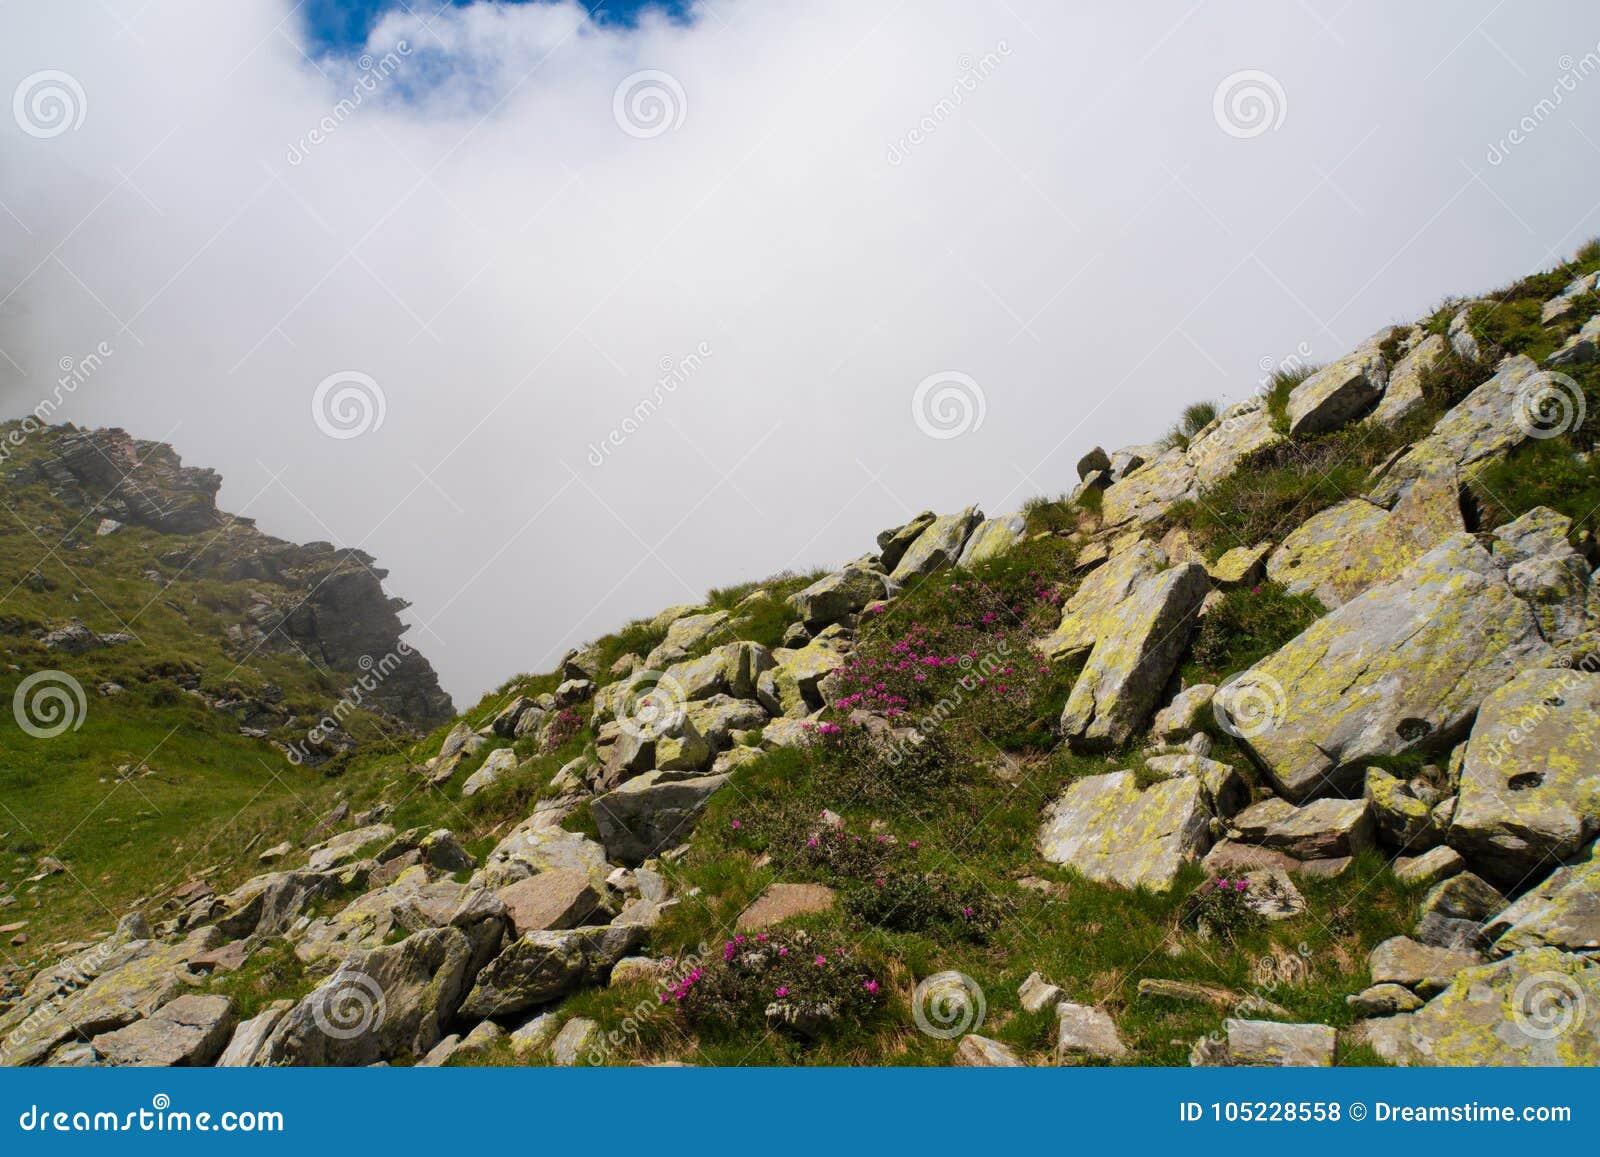 Mooi wild landschap met rotsachtige bergen in de ochtendmist